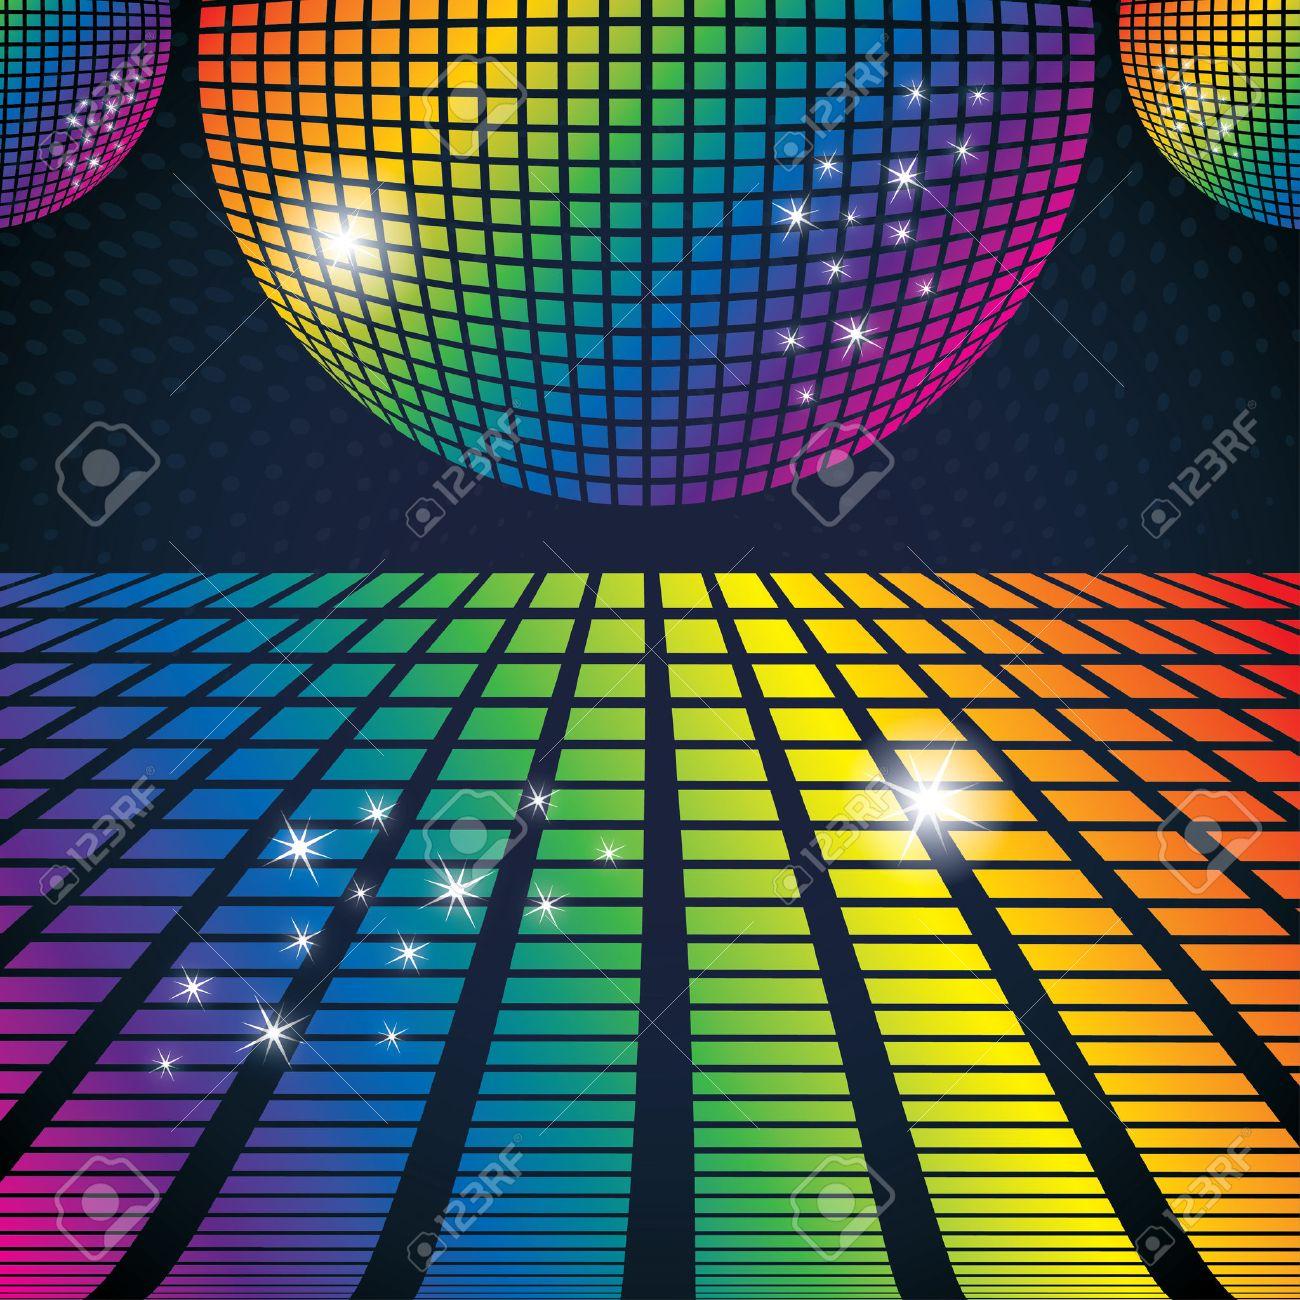 ディスコ ボールと抽象的なパーティーの背景のベクトル イラストの